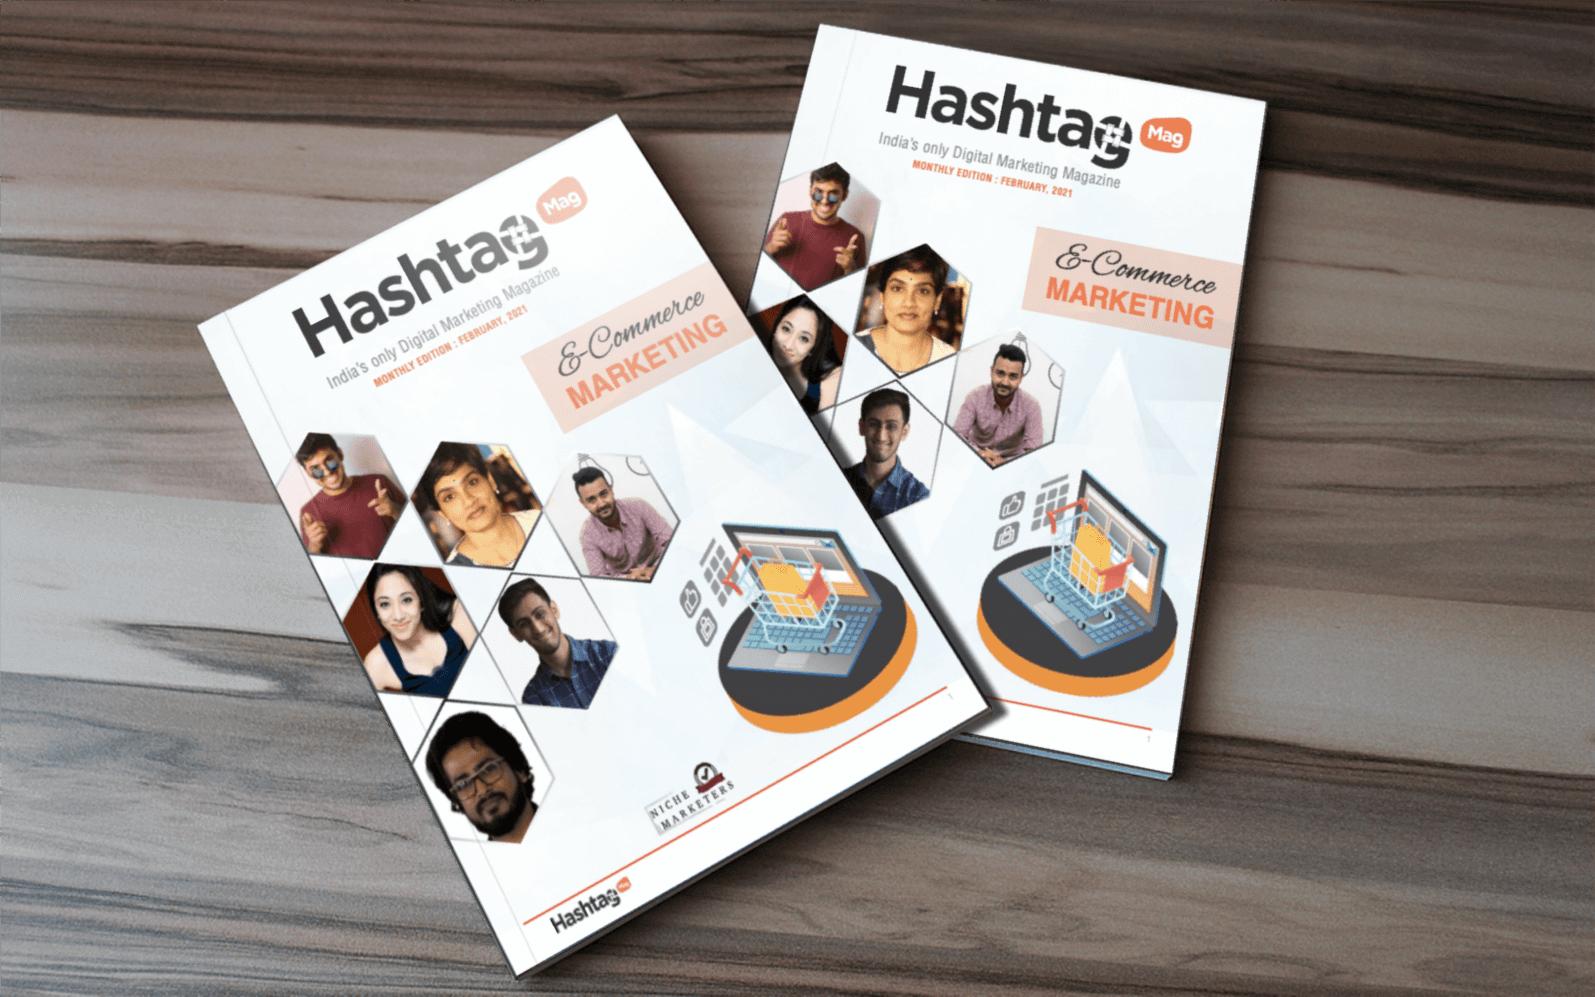 ecommerce marketing magazine cover